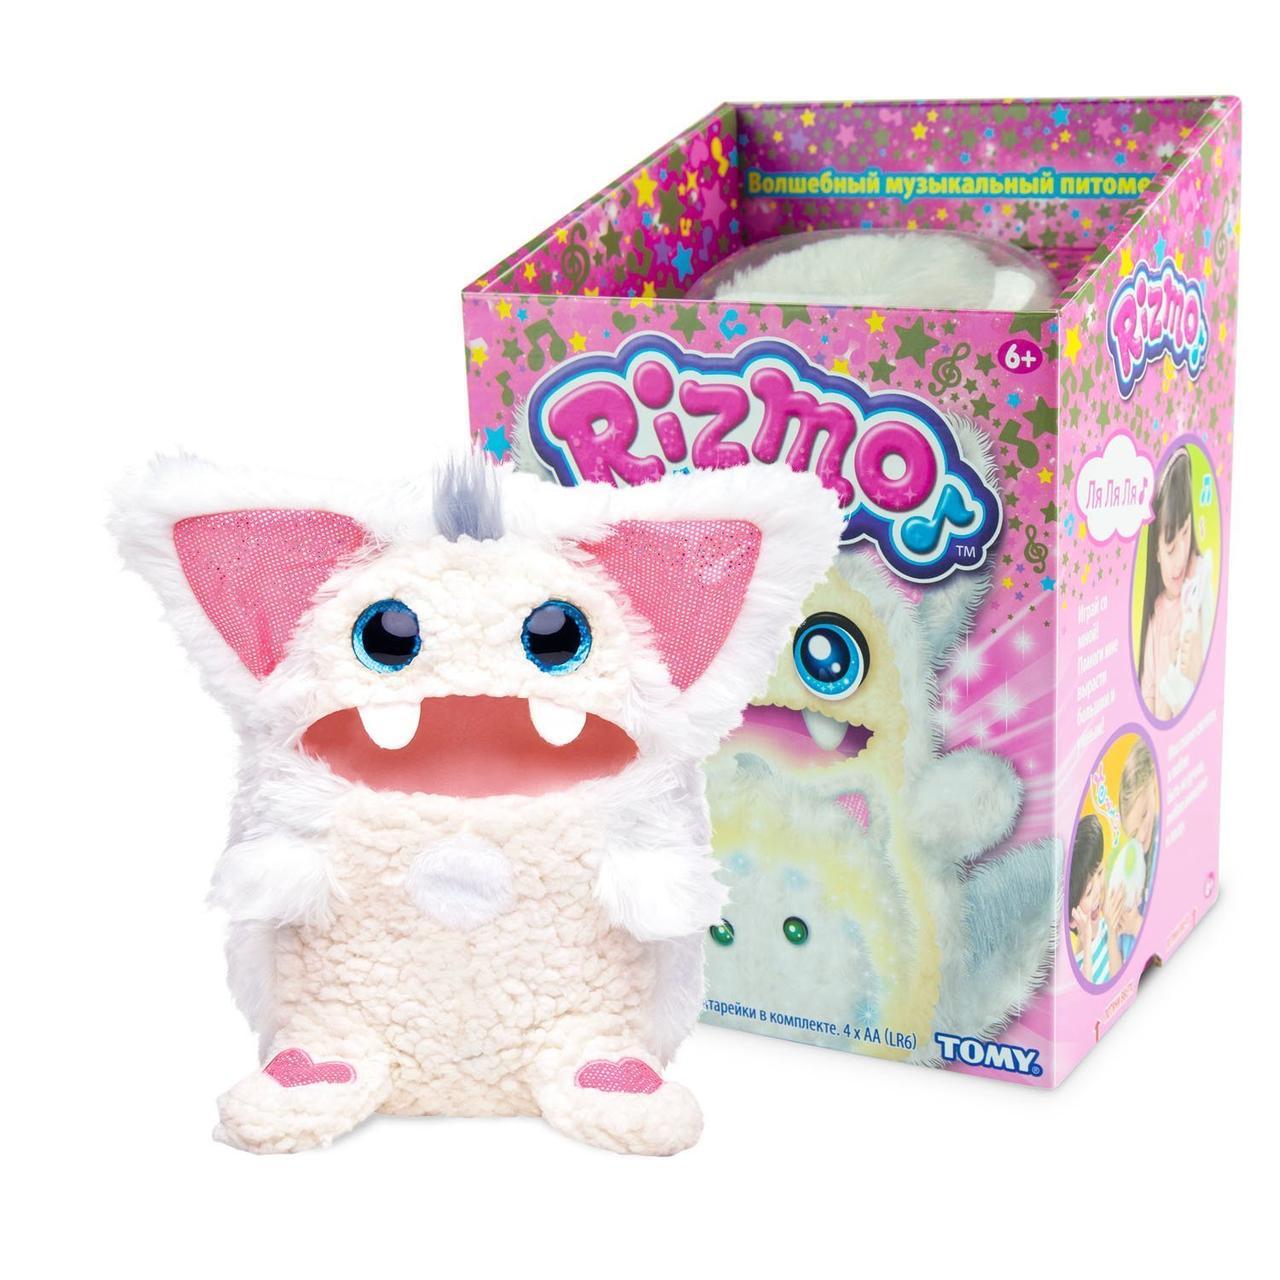 Rizmo Ризмо Интерактивная игрушка, белый